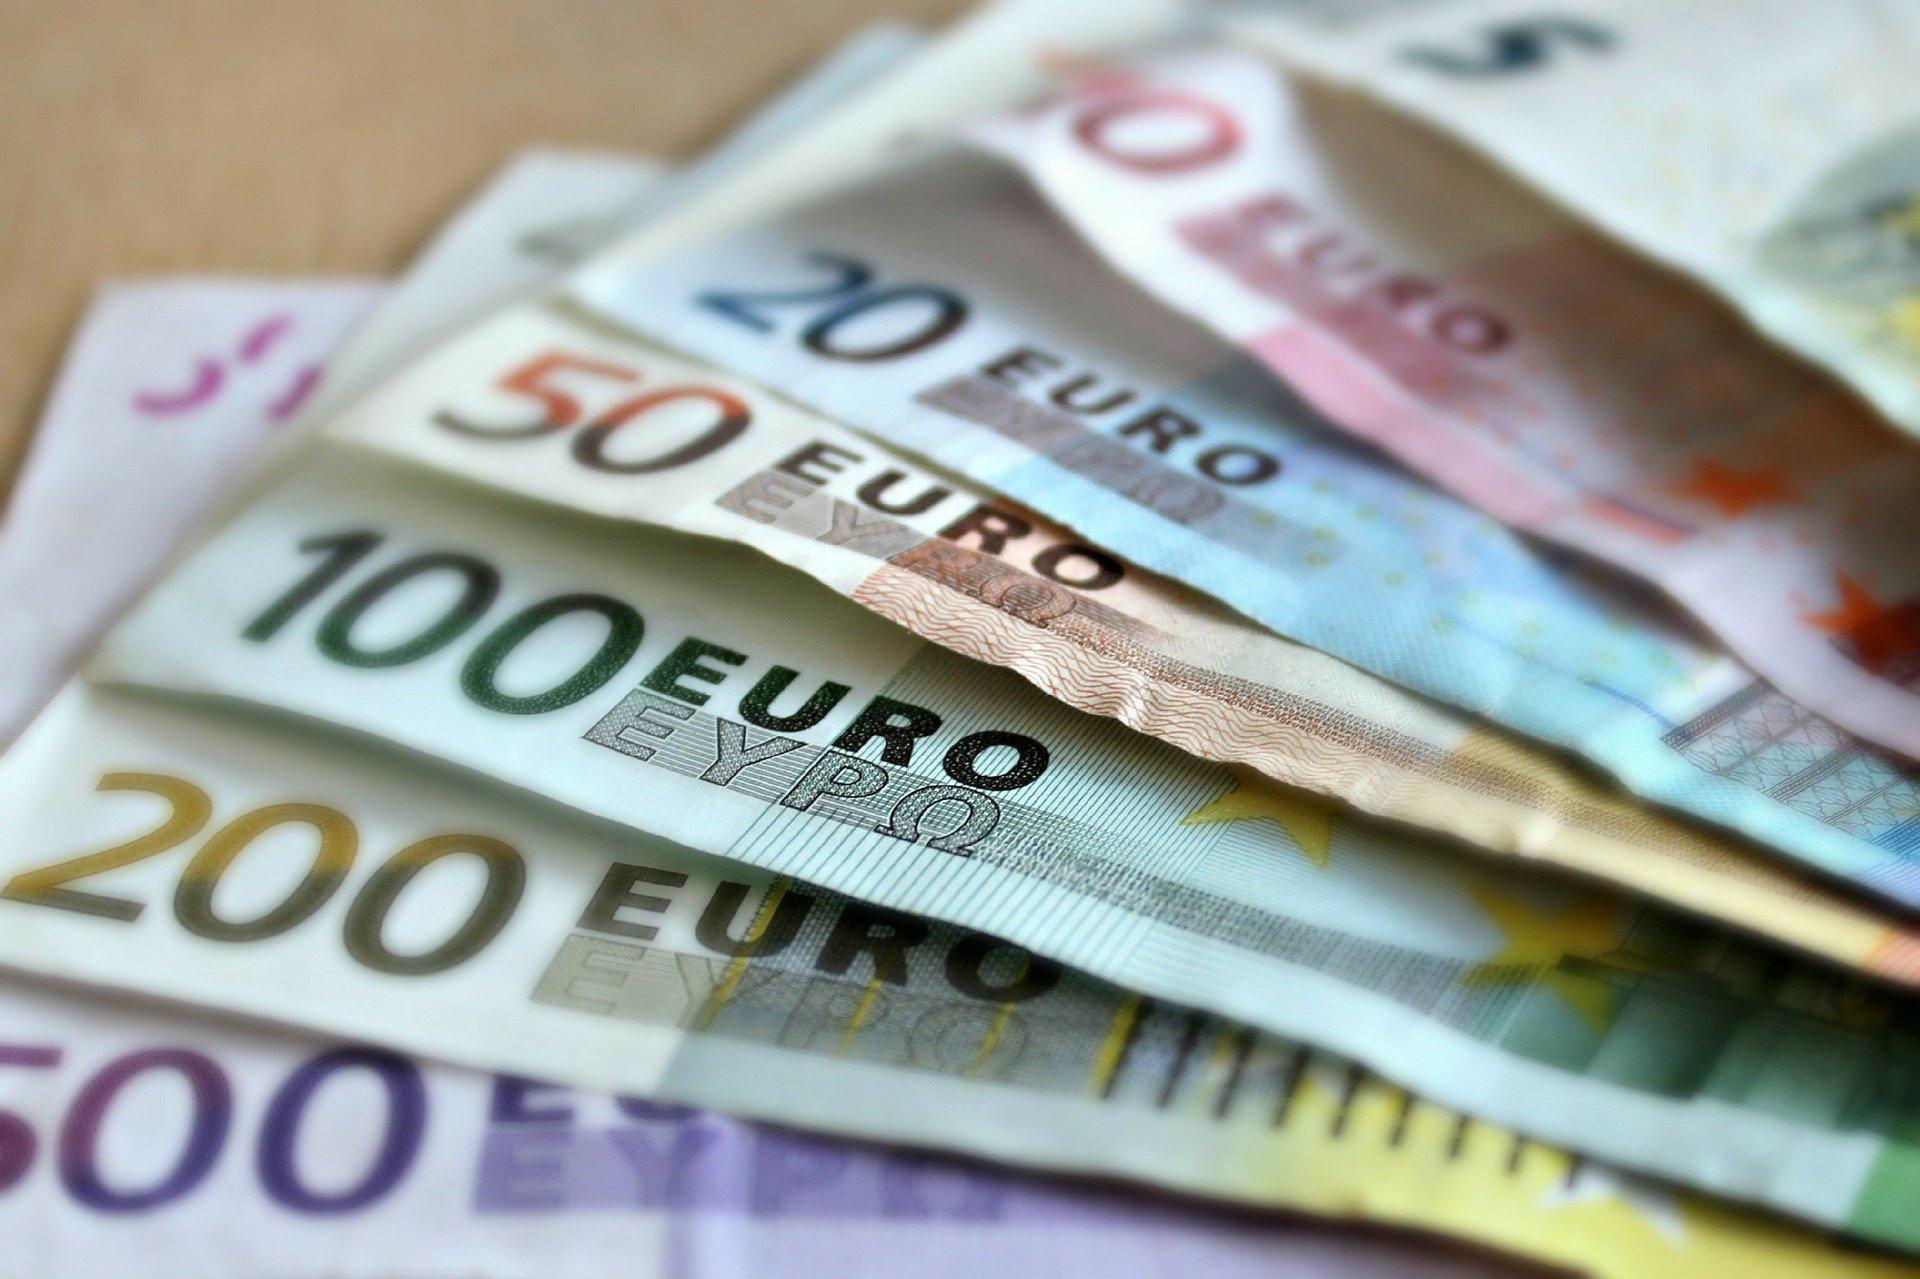 Algunos clientes han pasado de pagar cero comisiones por su cuenta a abonar más de 250¤ anuales.